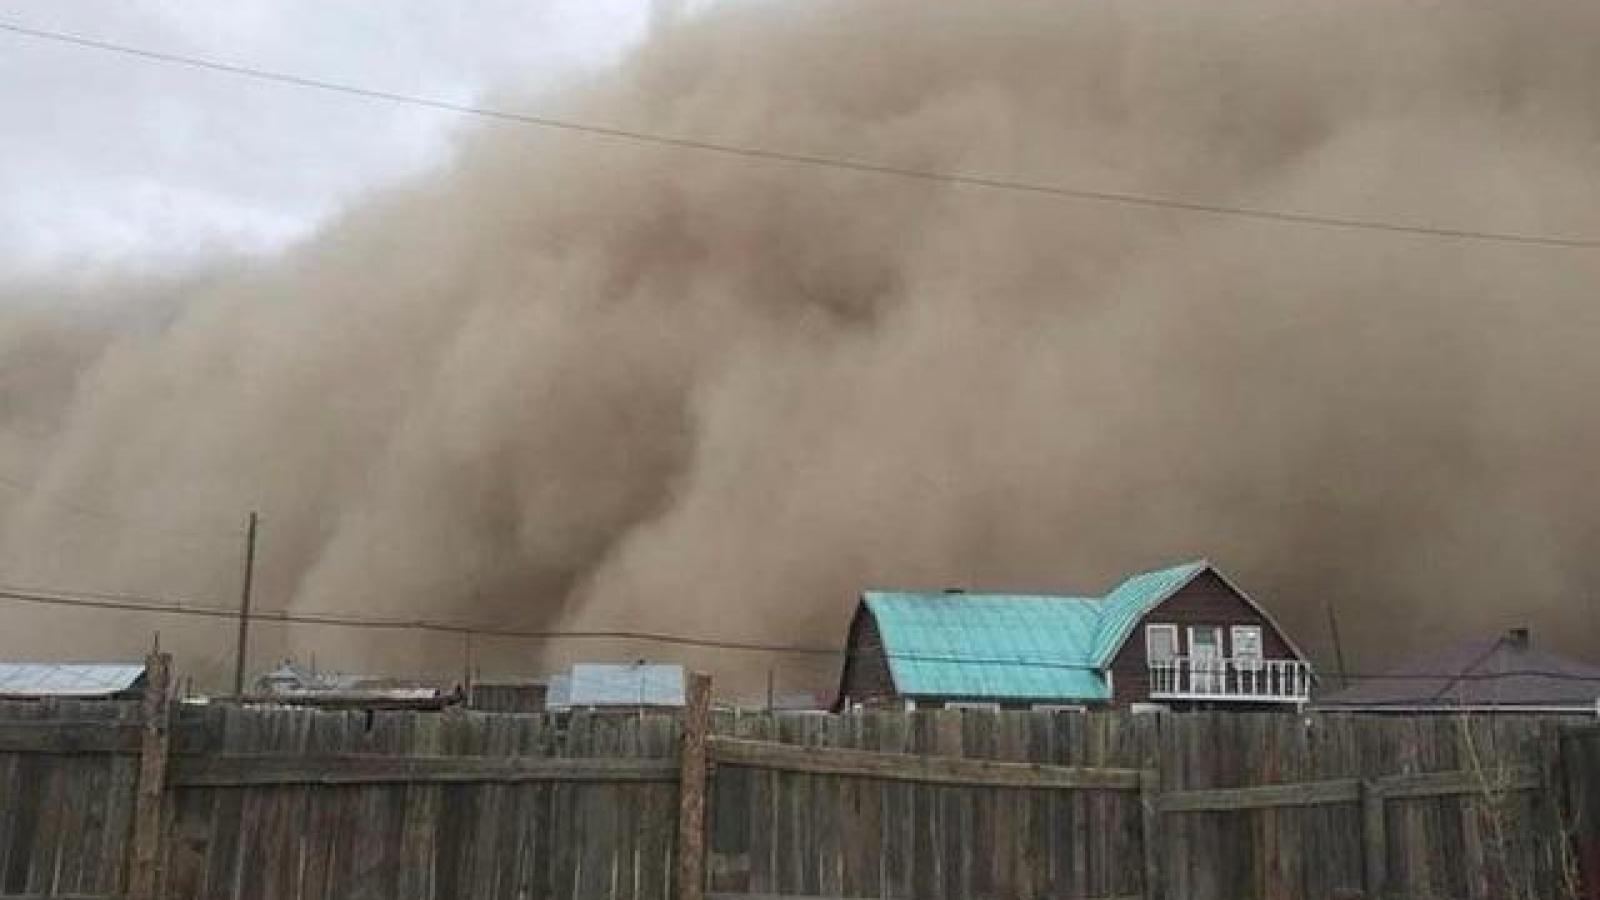 Bão cát và bão tuyết làm 10 người chết ở Mông Cổ, ảnh hưởng 17 tỉnh Trung Quốc